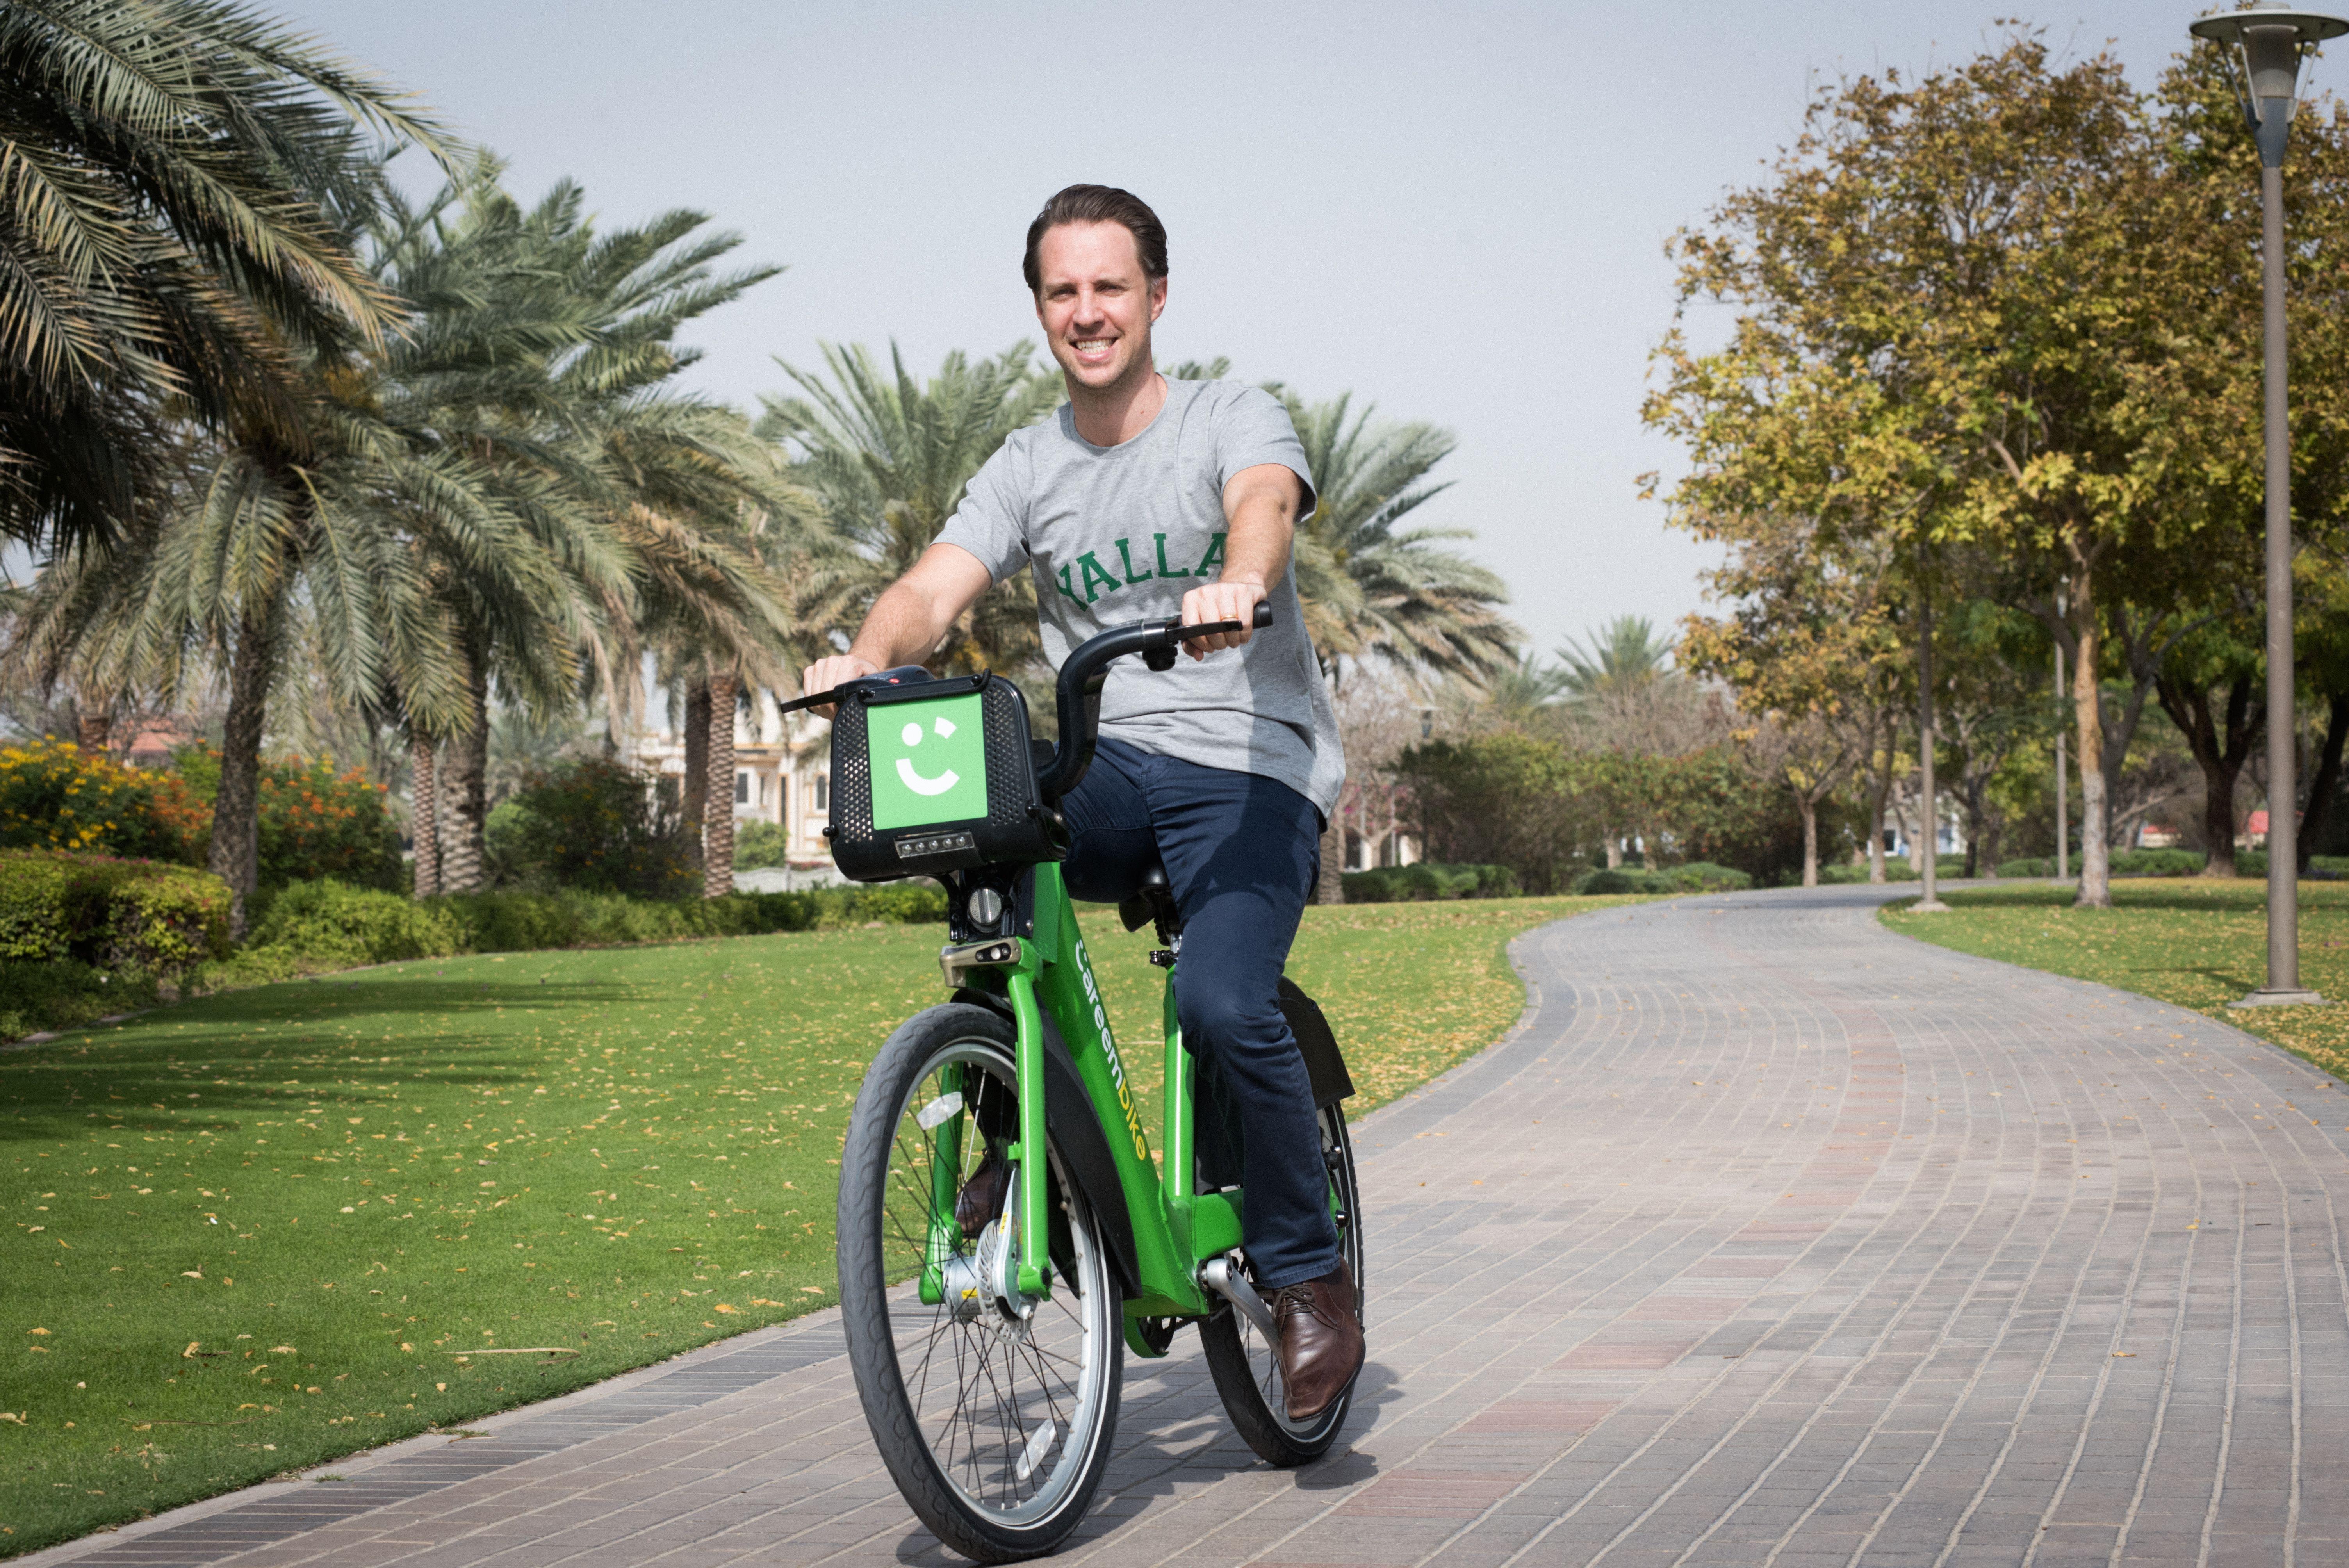 كريم تدخل مجال التنقل باستخدام الدراجات الهوائية من خلال الاستحواذ على سياكل